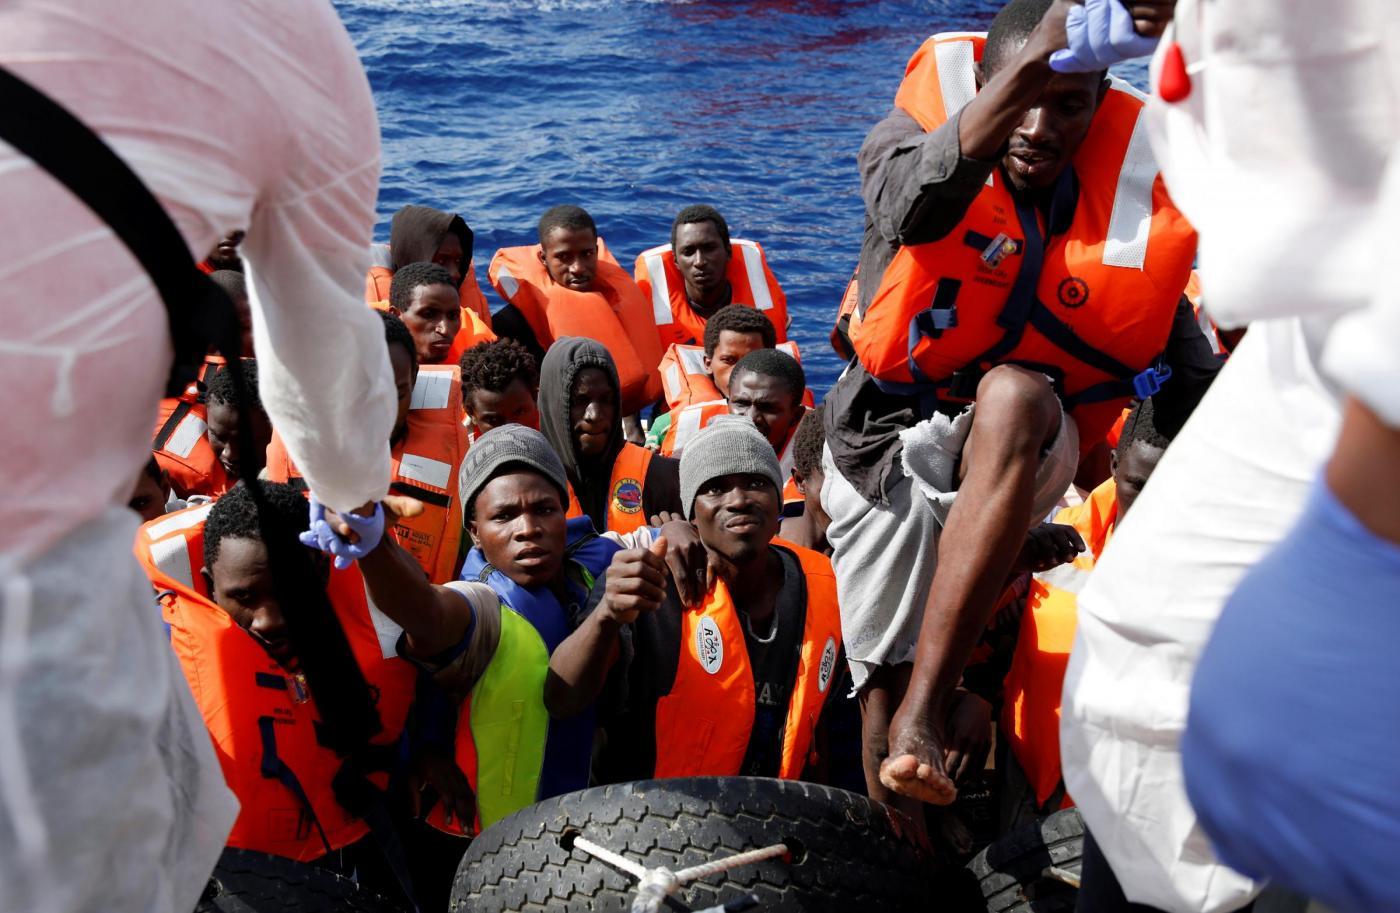 Migranti, il lavoro dei soccorritori nel Mar Mediterraneo